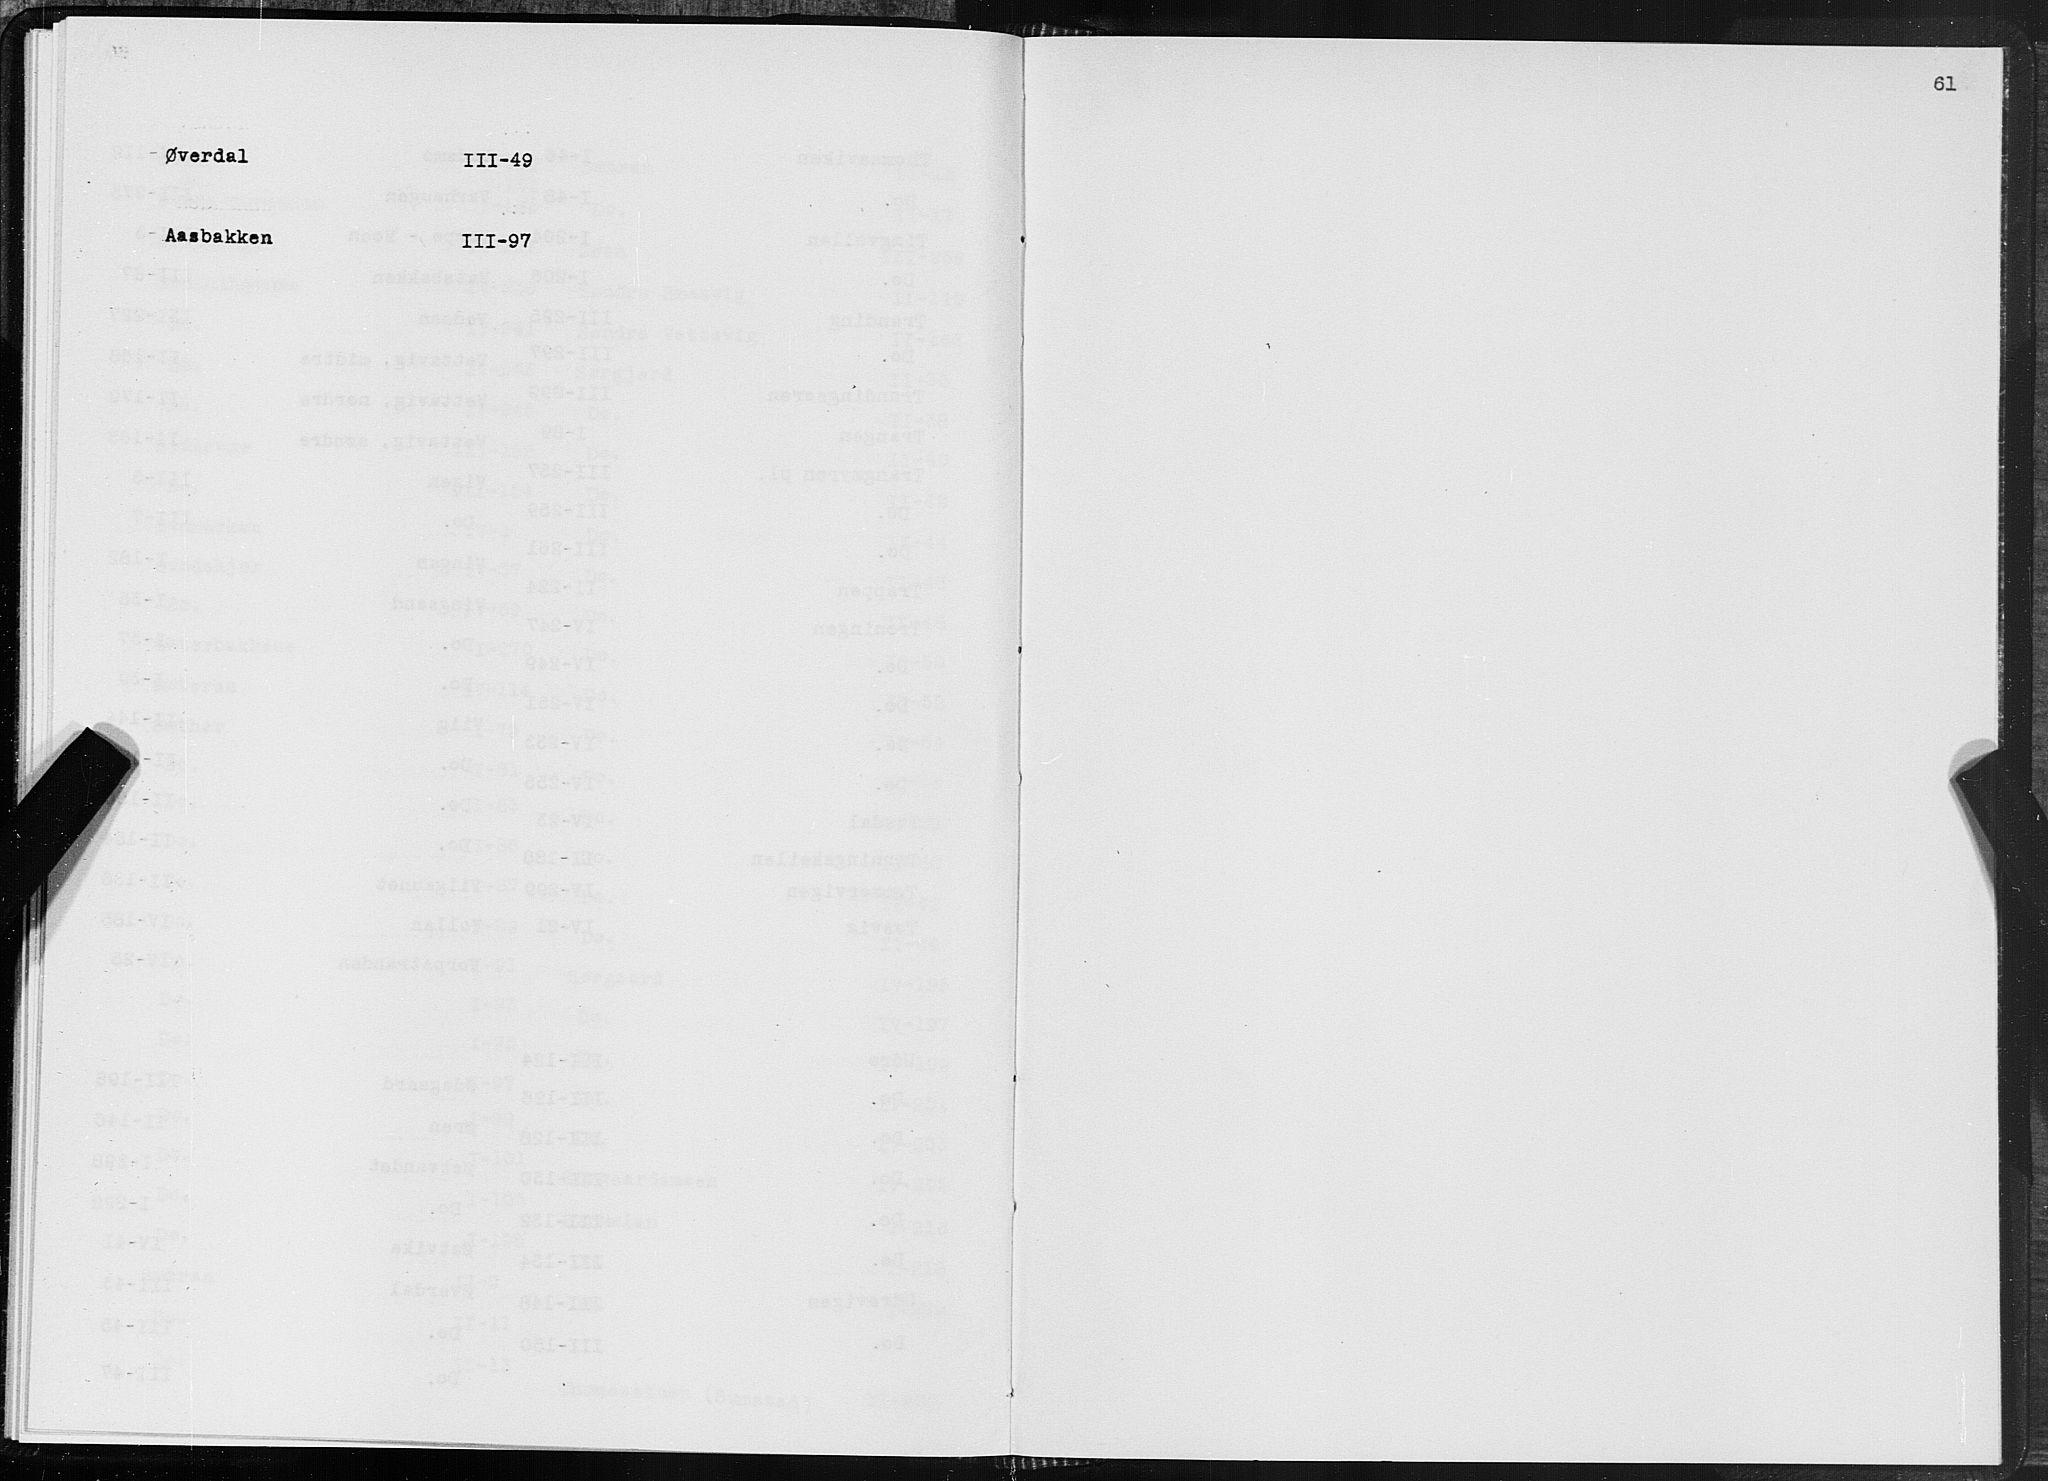 SAT, Folketelling 1875 for 1632P Bjørnør prestegjeld, 1875, s. 61